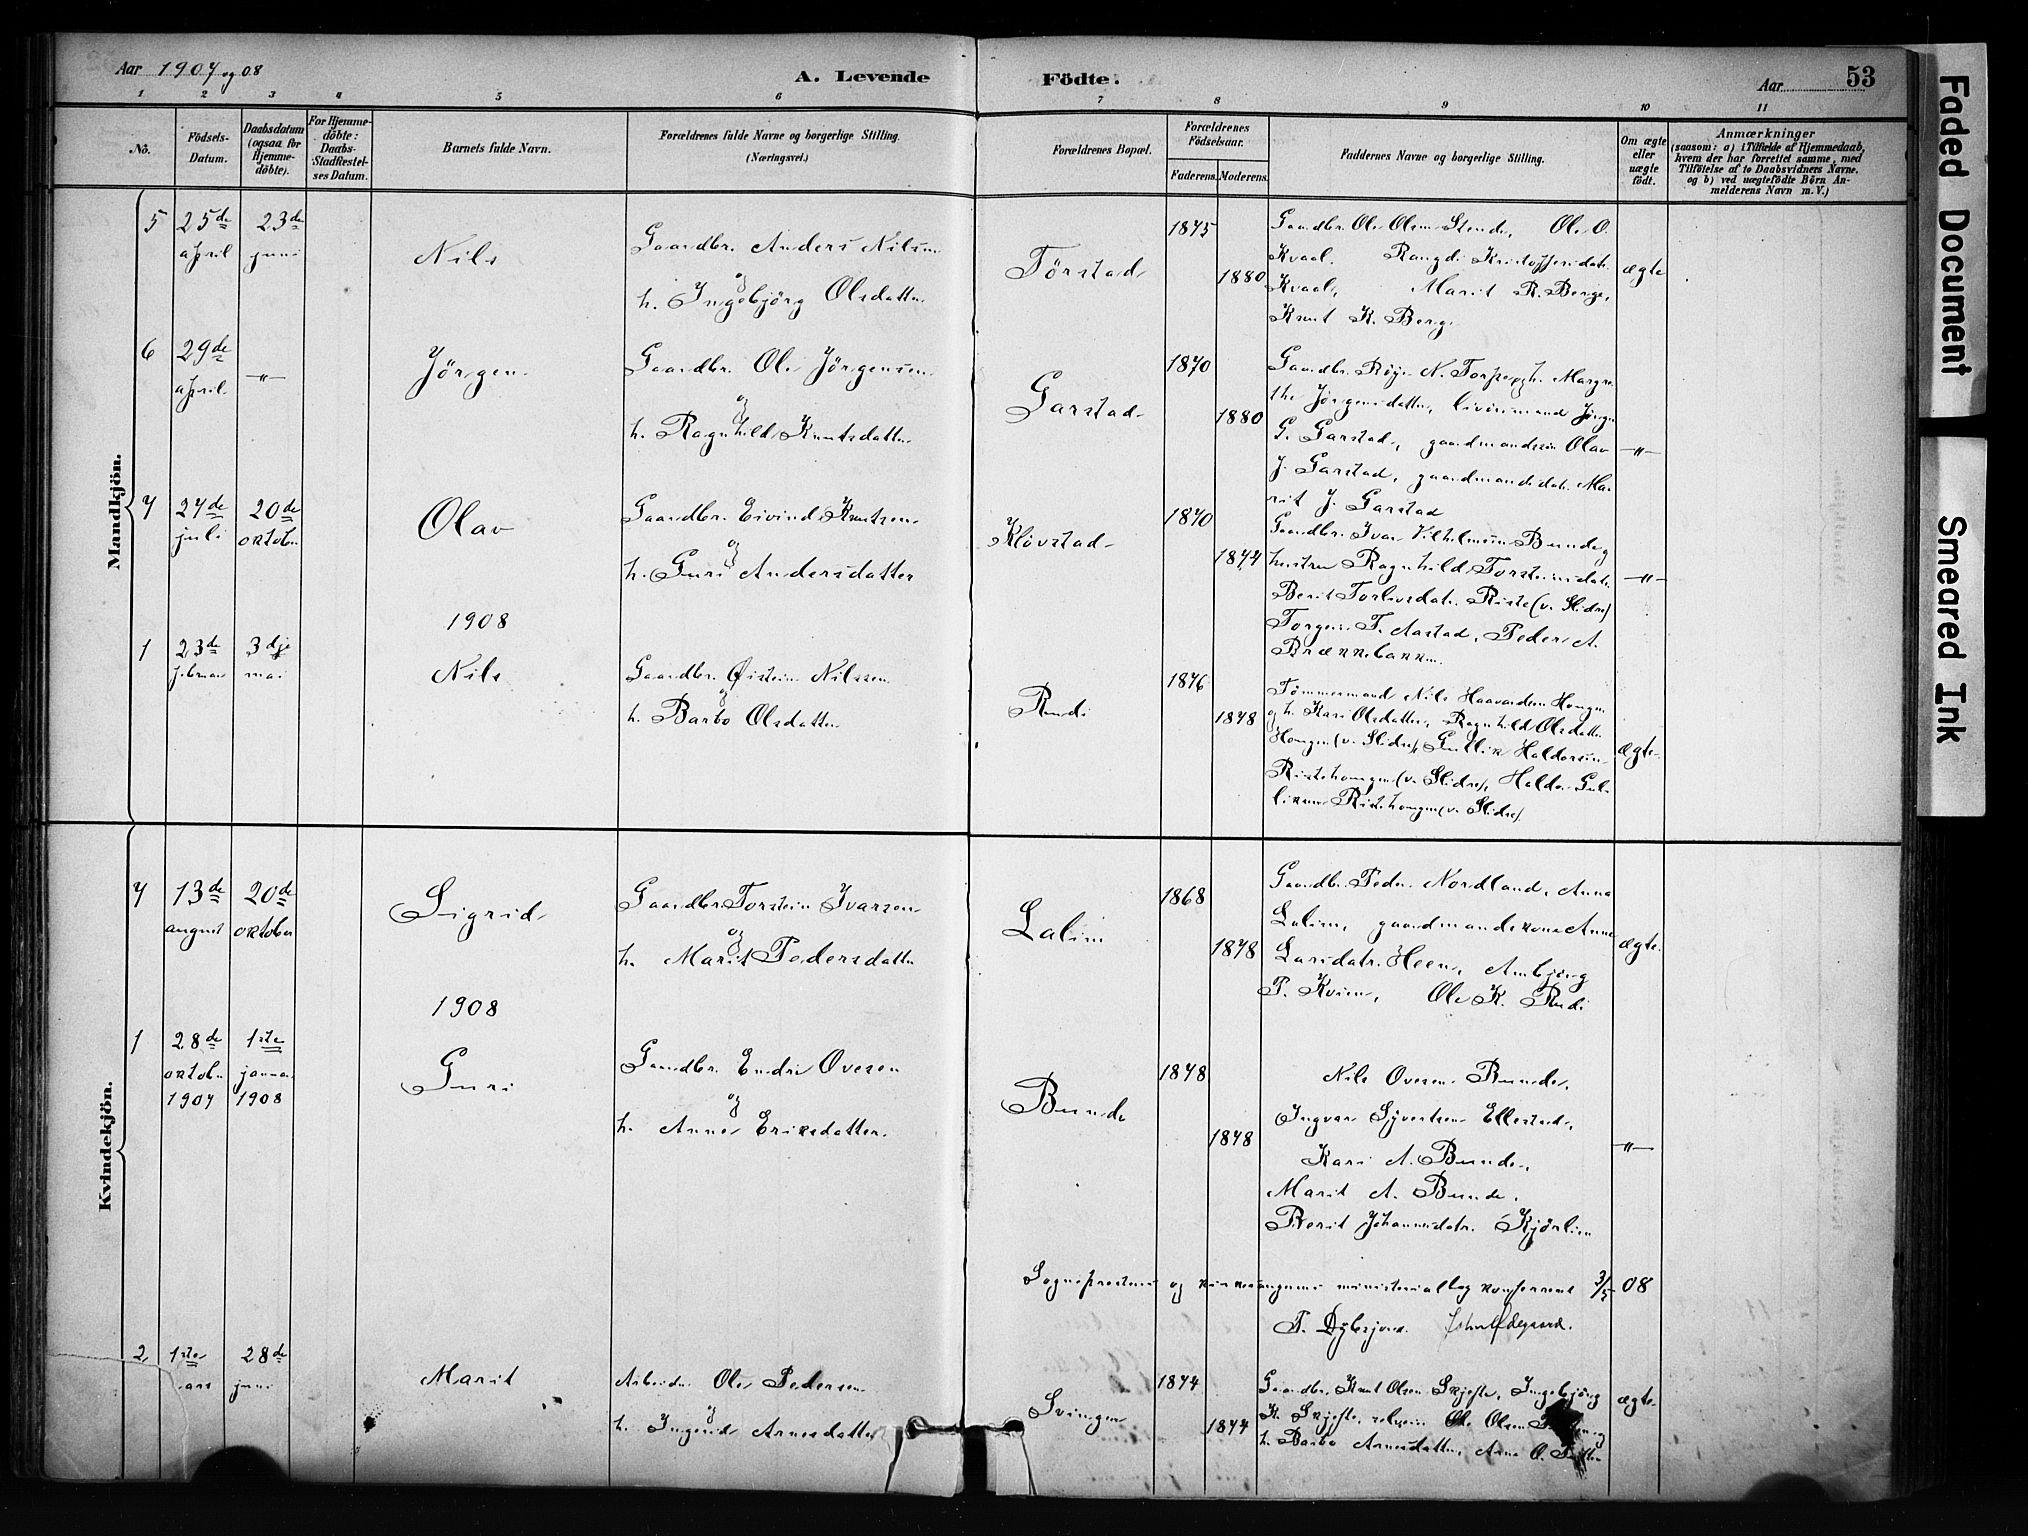 SAH, Vang prestekontor, Valdres, Ministerialbok nr. 9, 1882-1914, s. 53